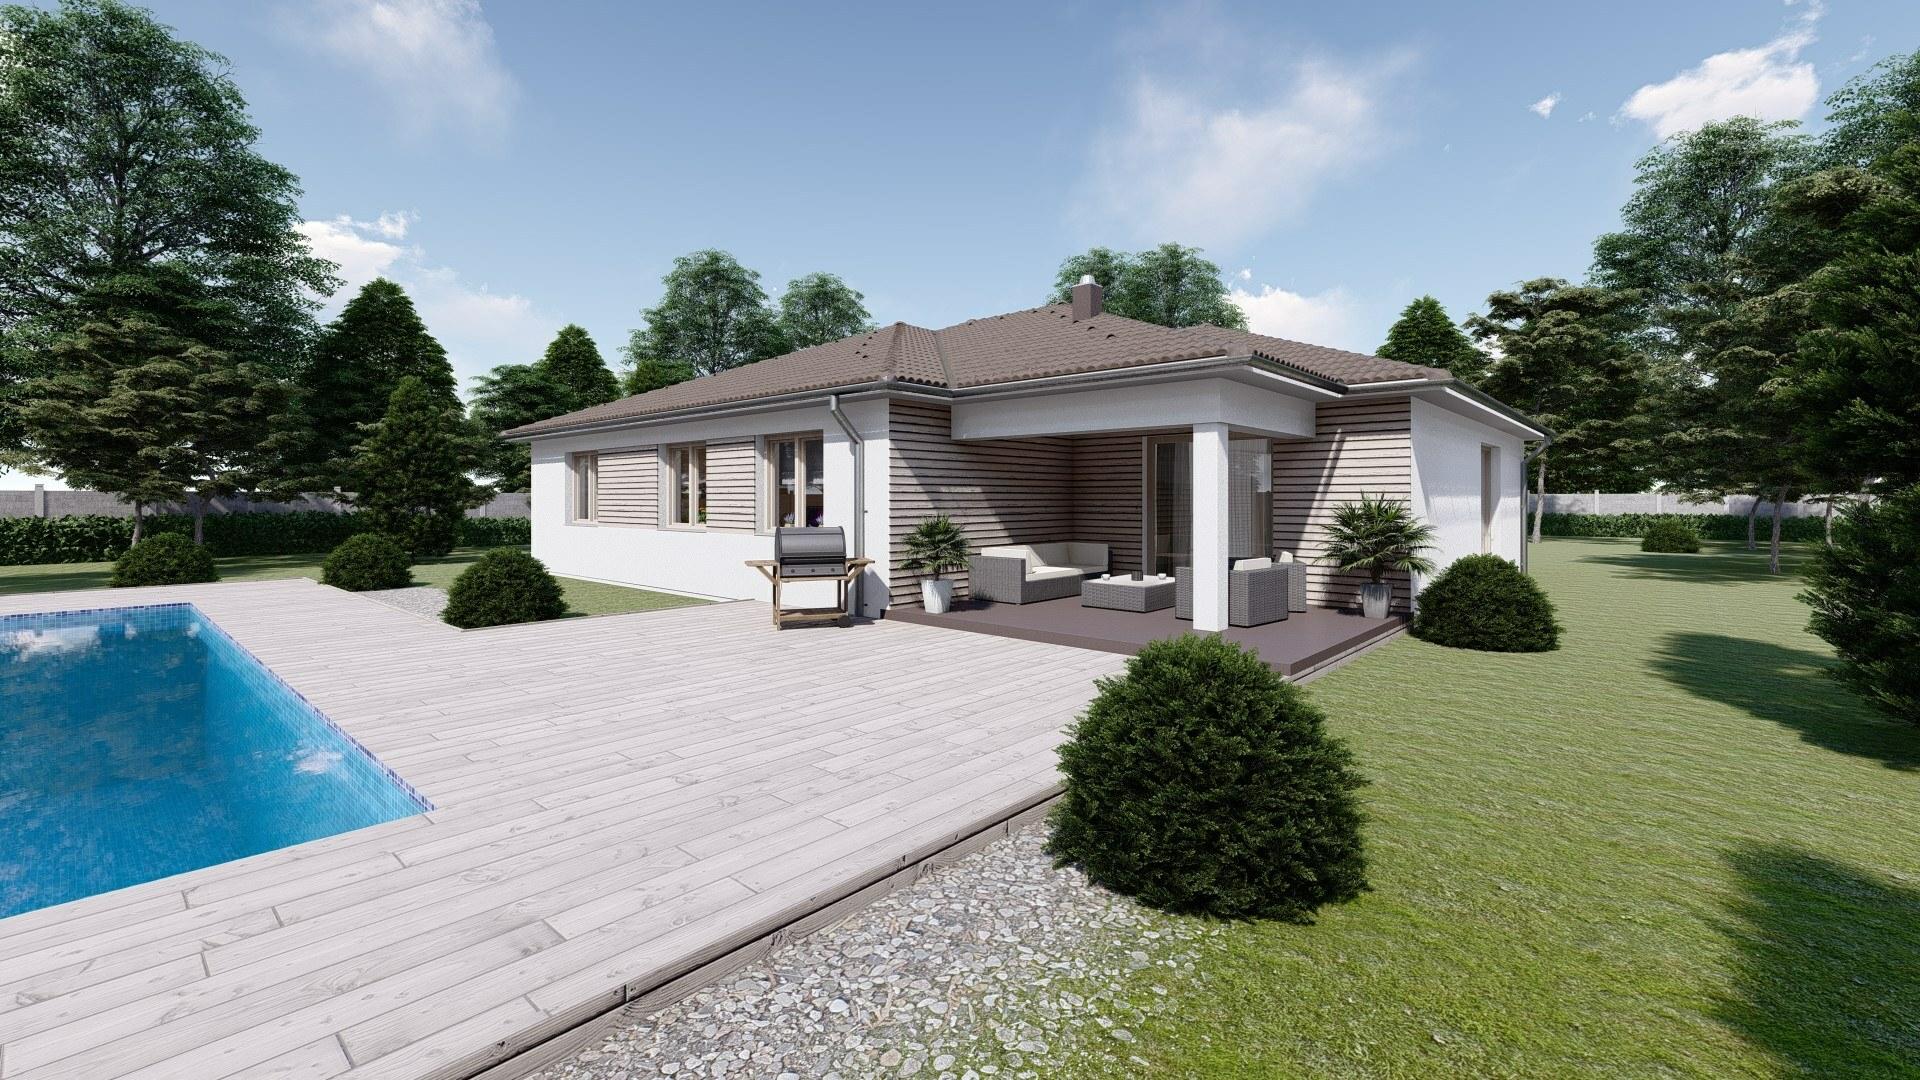 Projekt bungalov GABRIELA 2 vizualizácia zadnej bočnej strany2